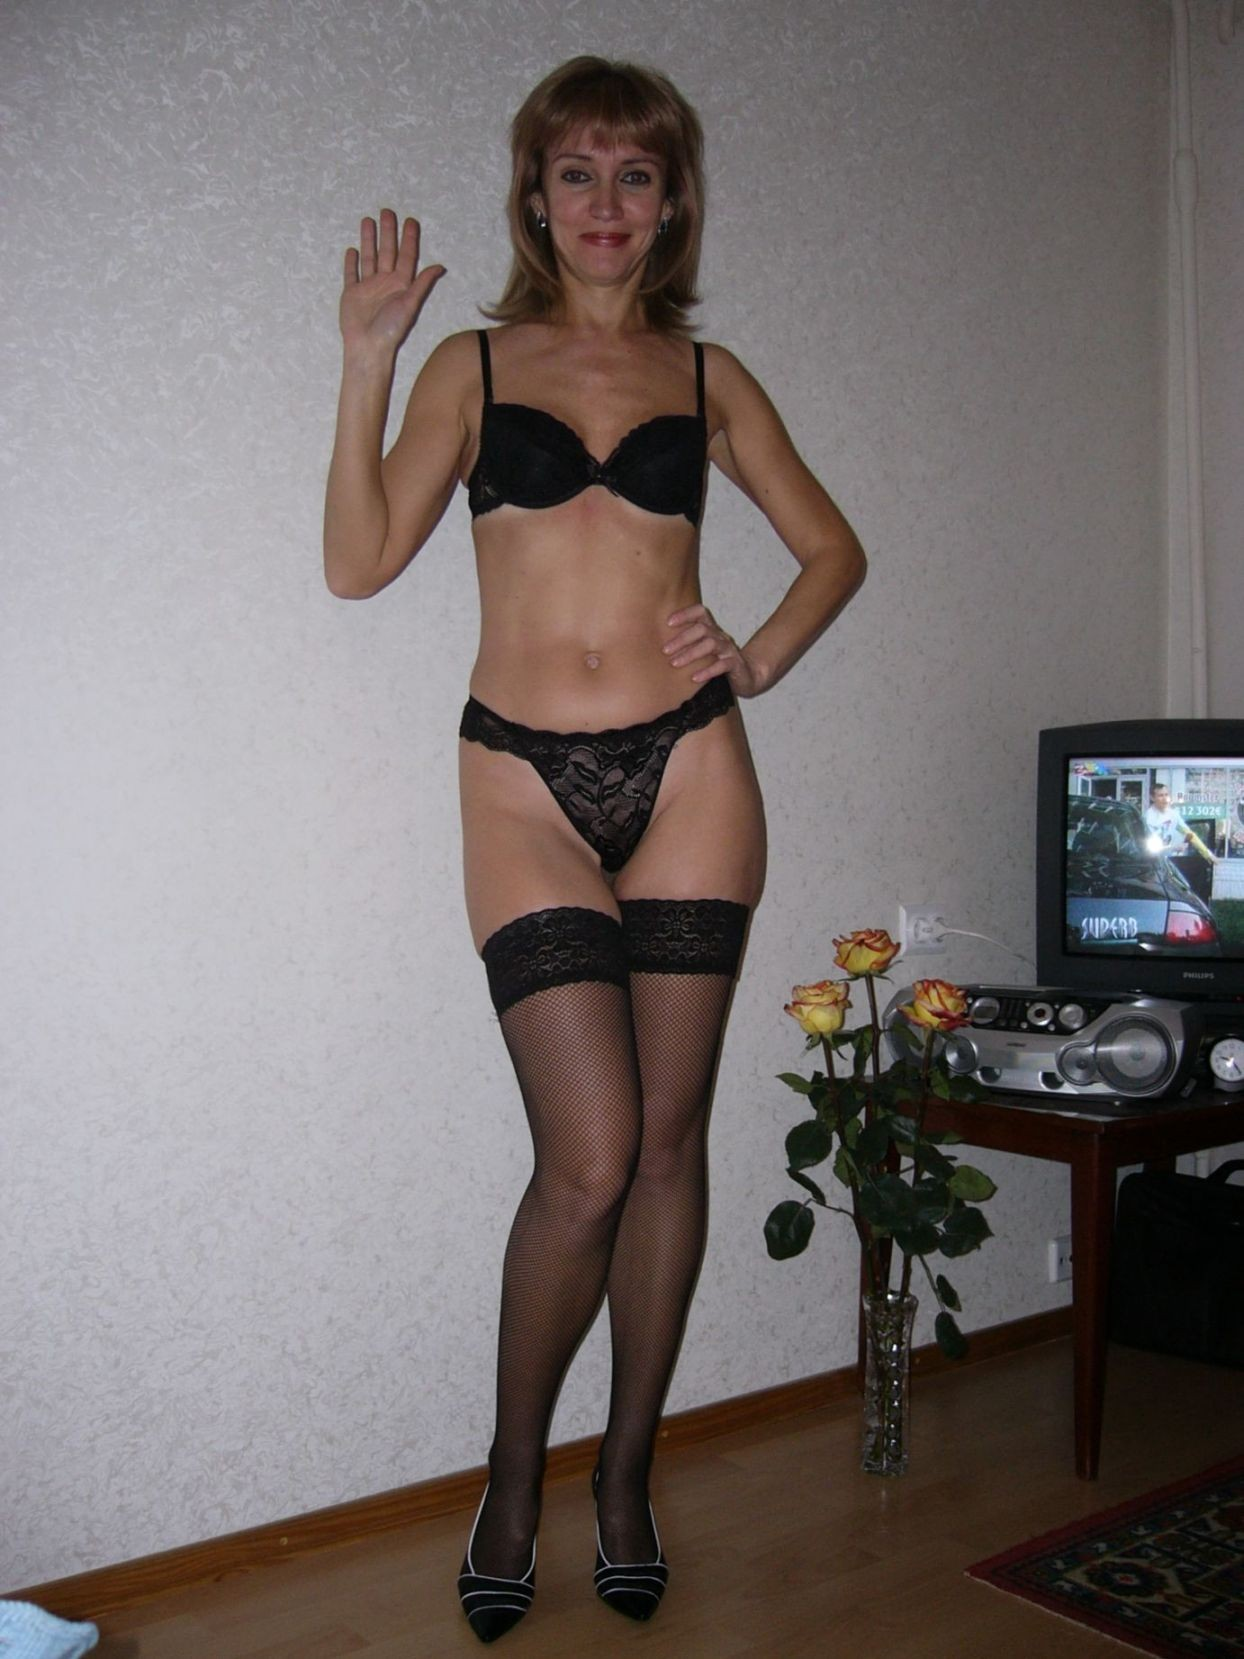 Смотреть бесплатно фото голых полных русских женщин за 30 11 фотография